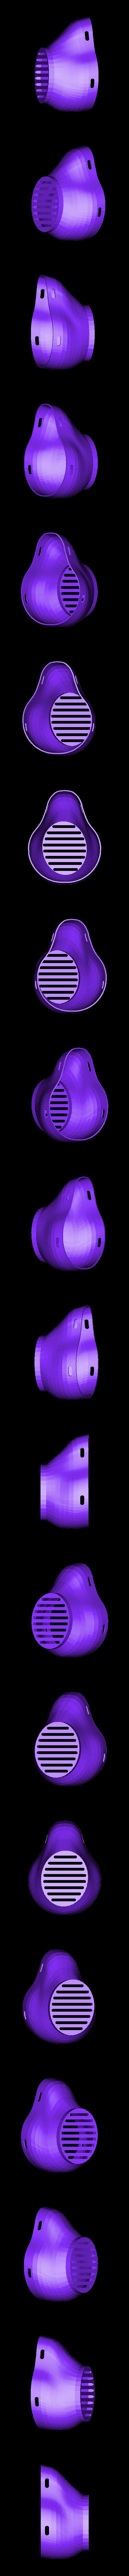 mesh-2.stl Télécharger fichier STL gratuit Masque contre les coronavirus • Design imprimable en 3D, sammy3